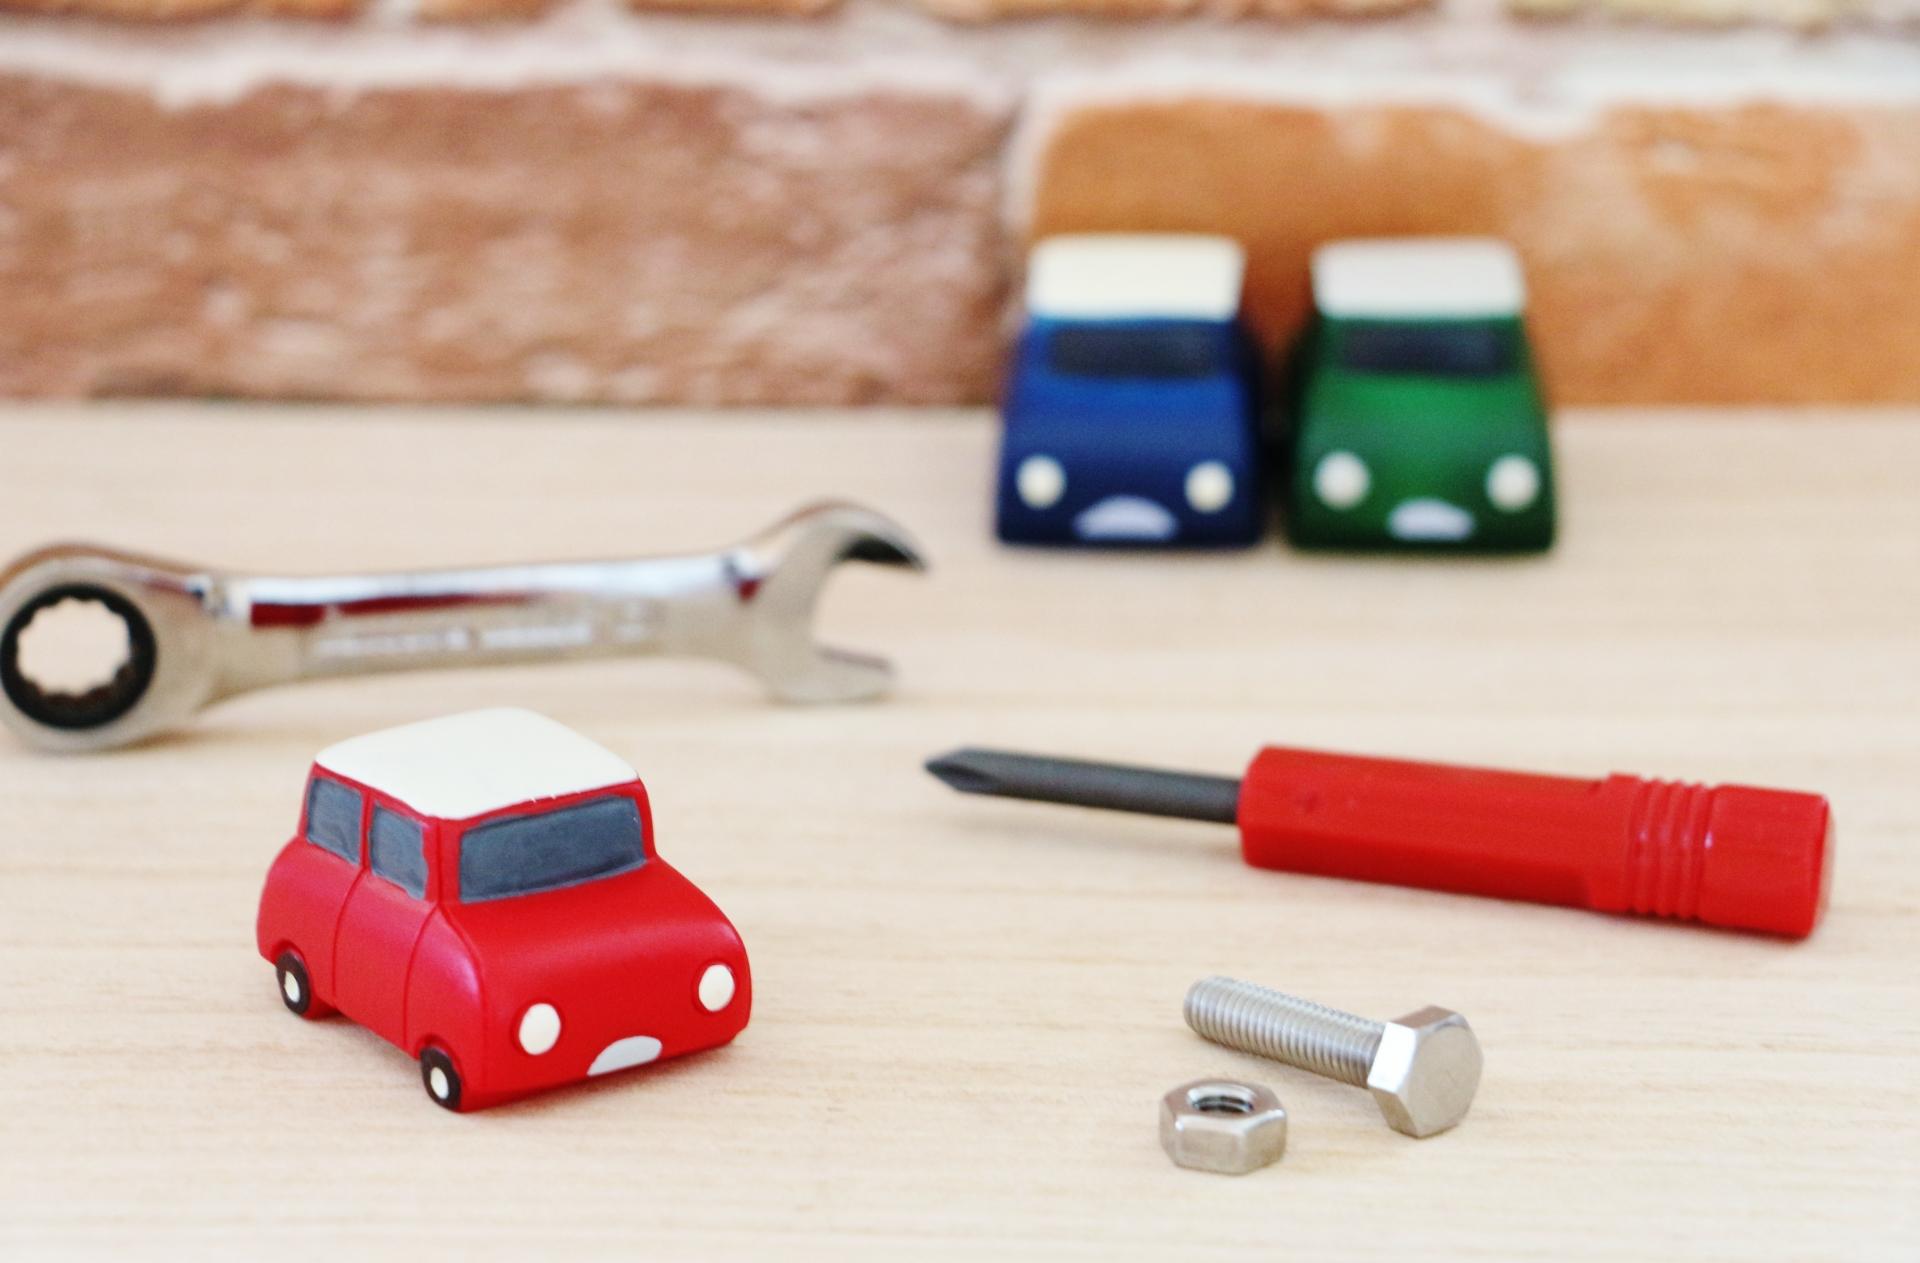 「ブレーキオイル」は車検ごとが交換基準 ブレーキが効かなくなったら大変です/車検のコバック越谷店